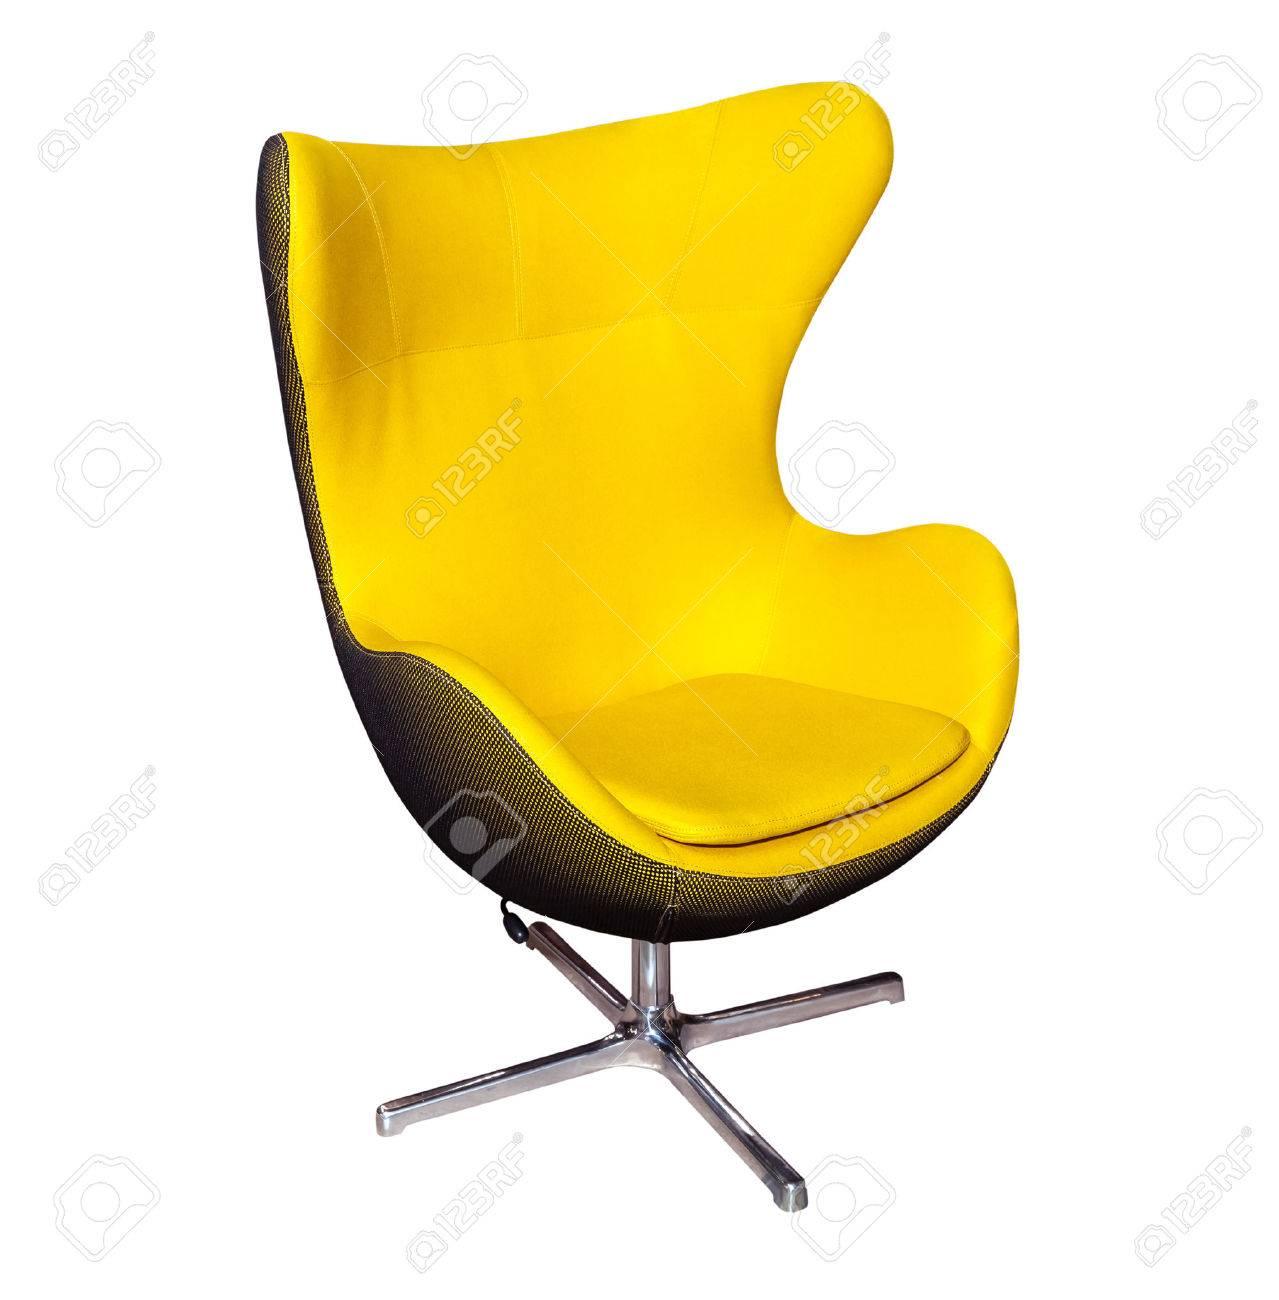 Chaise De Bureau Jaune Moderne Isole Sur Fond Blanc Banque DImages